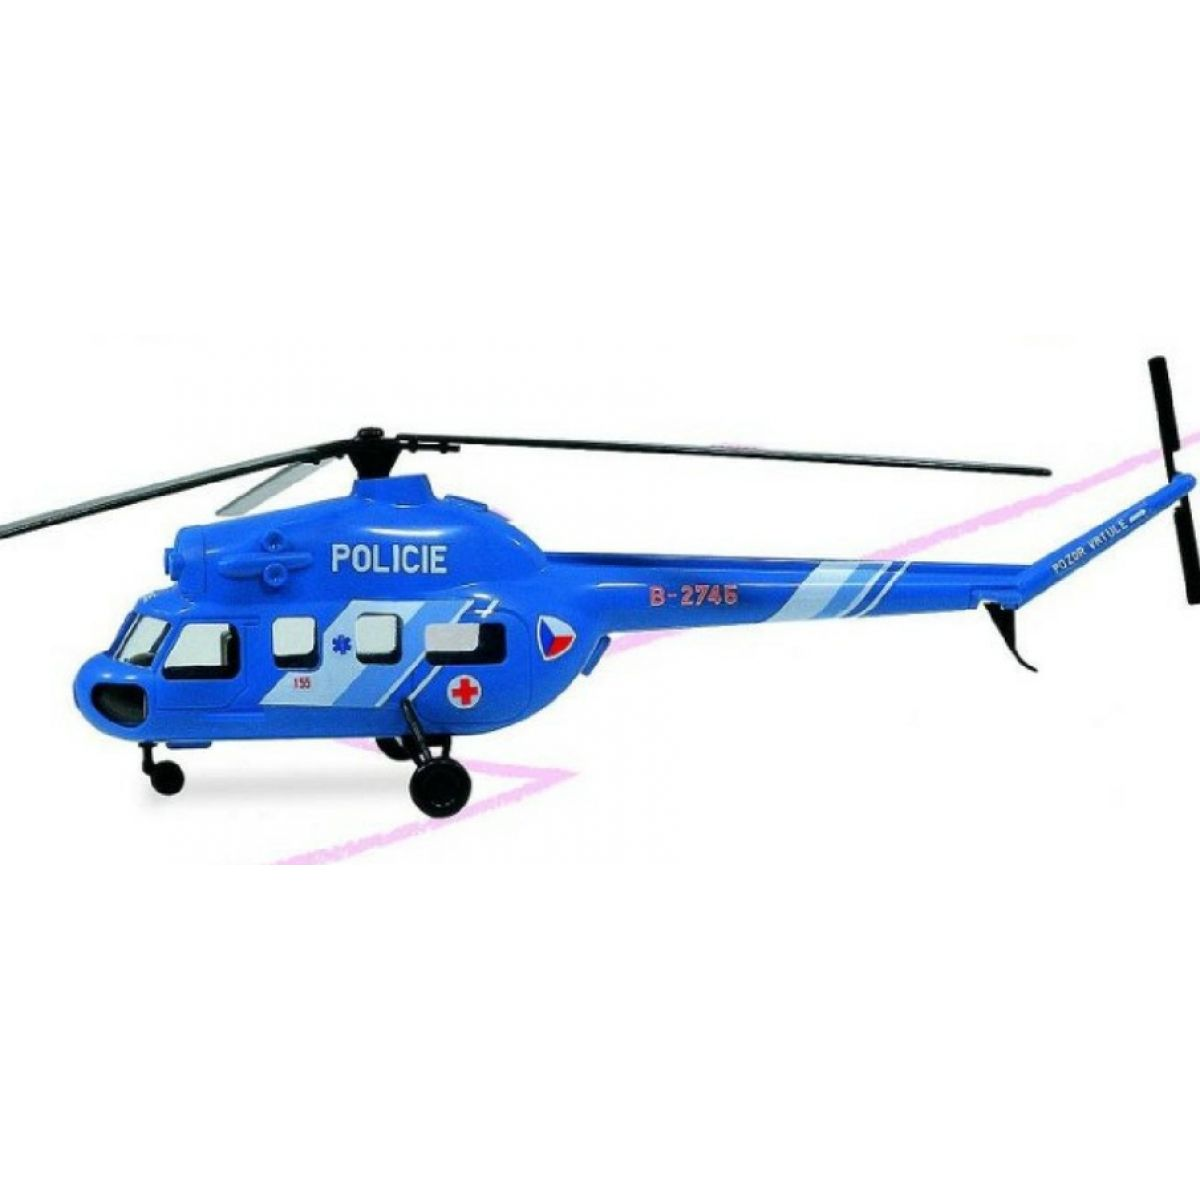 Směr Model vrtulníku 1:48 Mi2 Policie